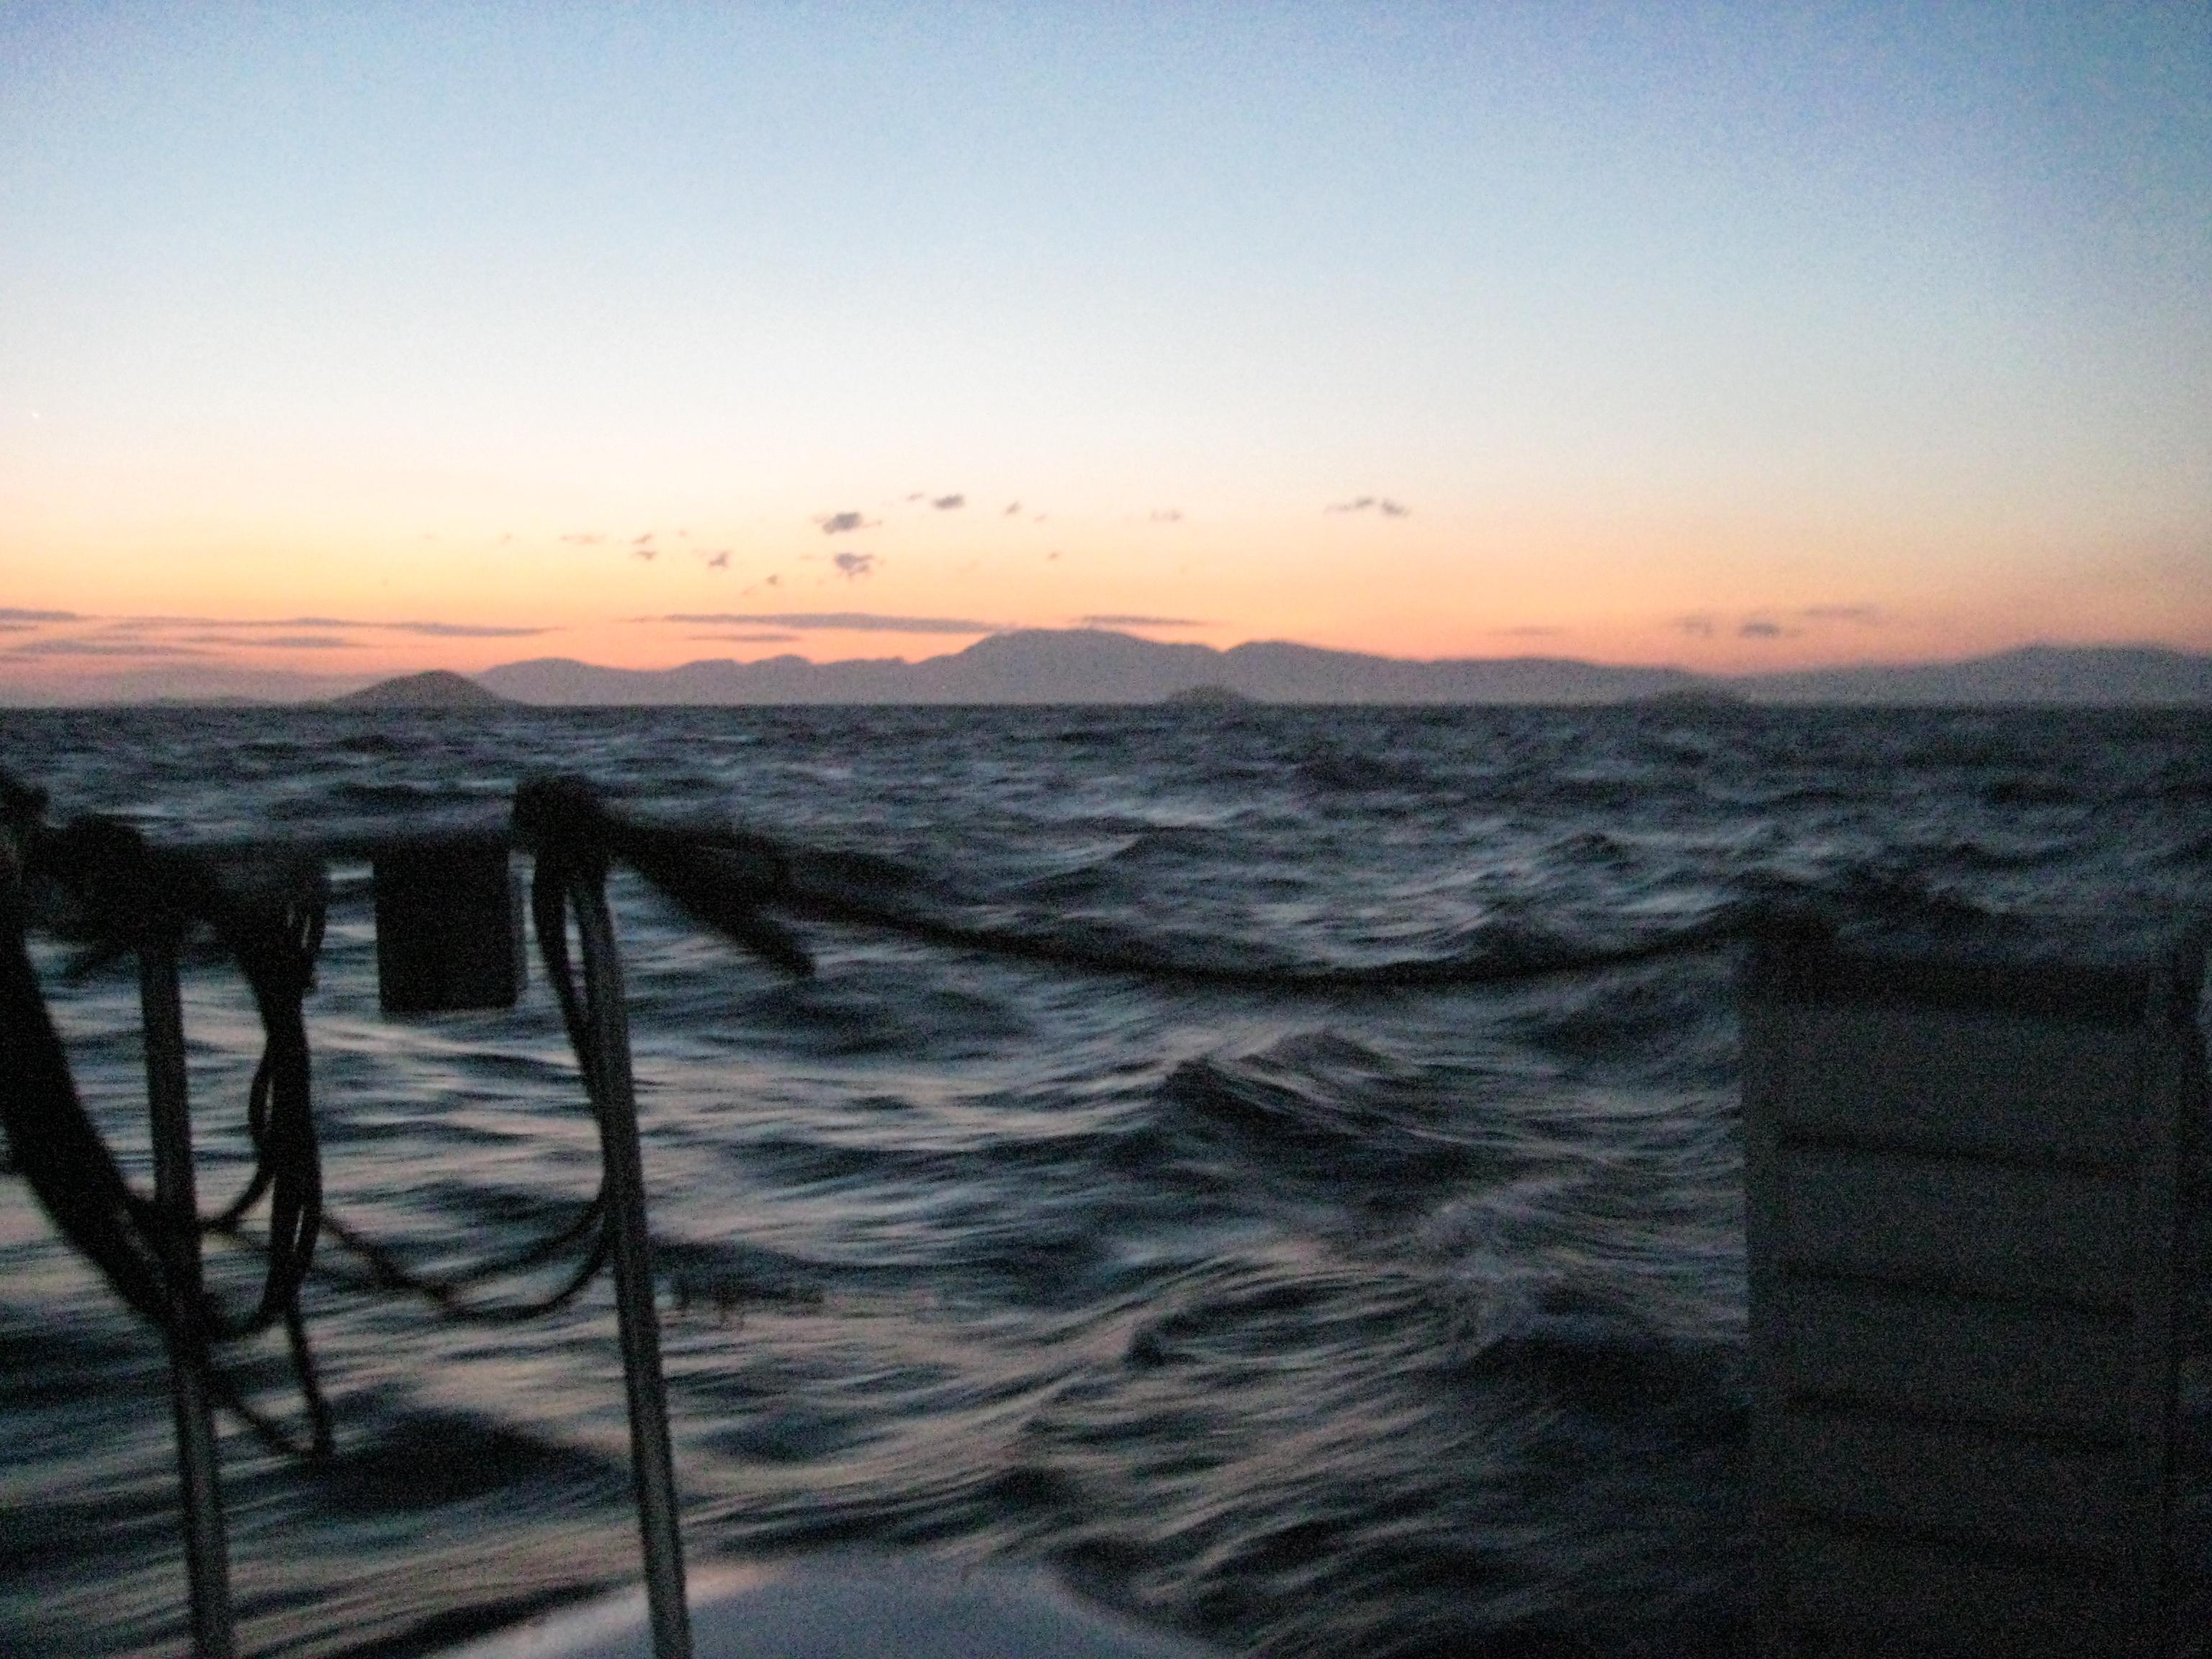 il y a une vie à bord, même après le coucher du soleil